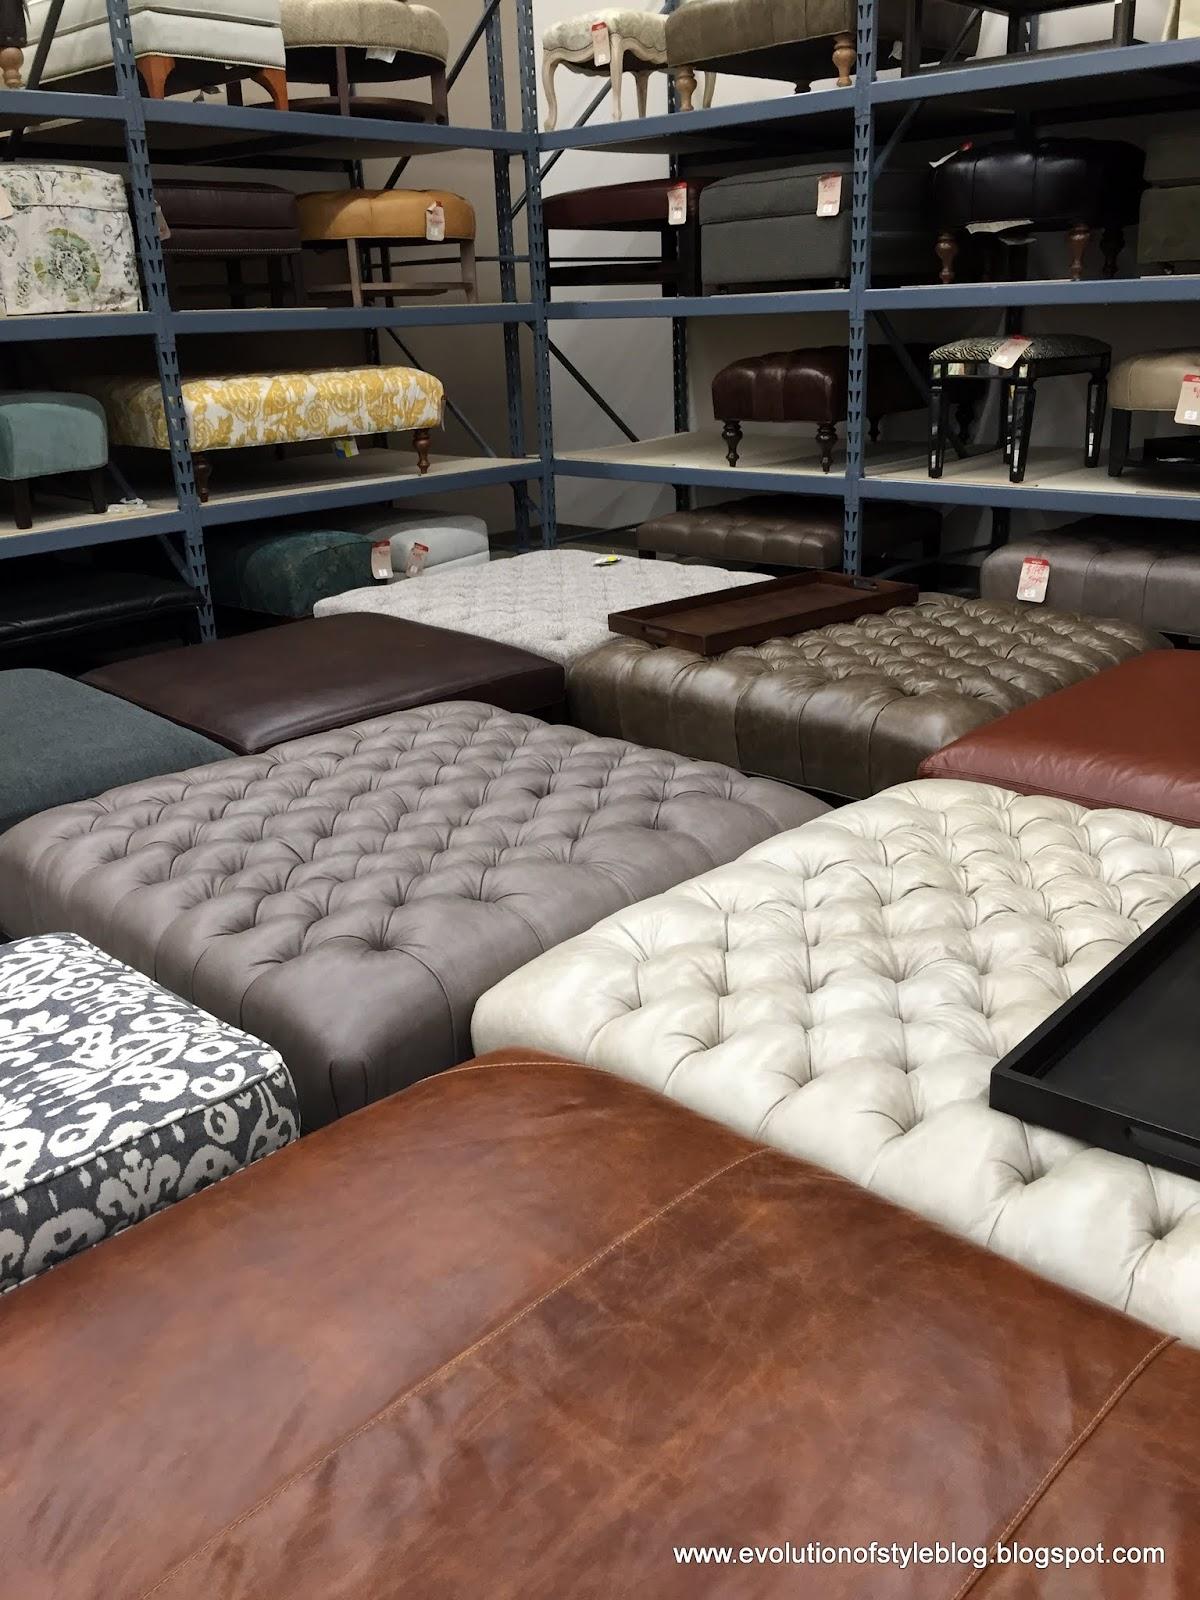 Arhaus Outlet A Hidden Gem Evolution of Style